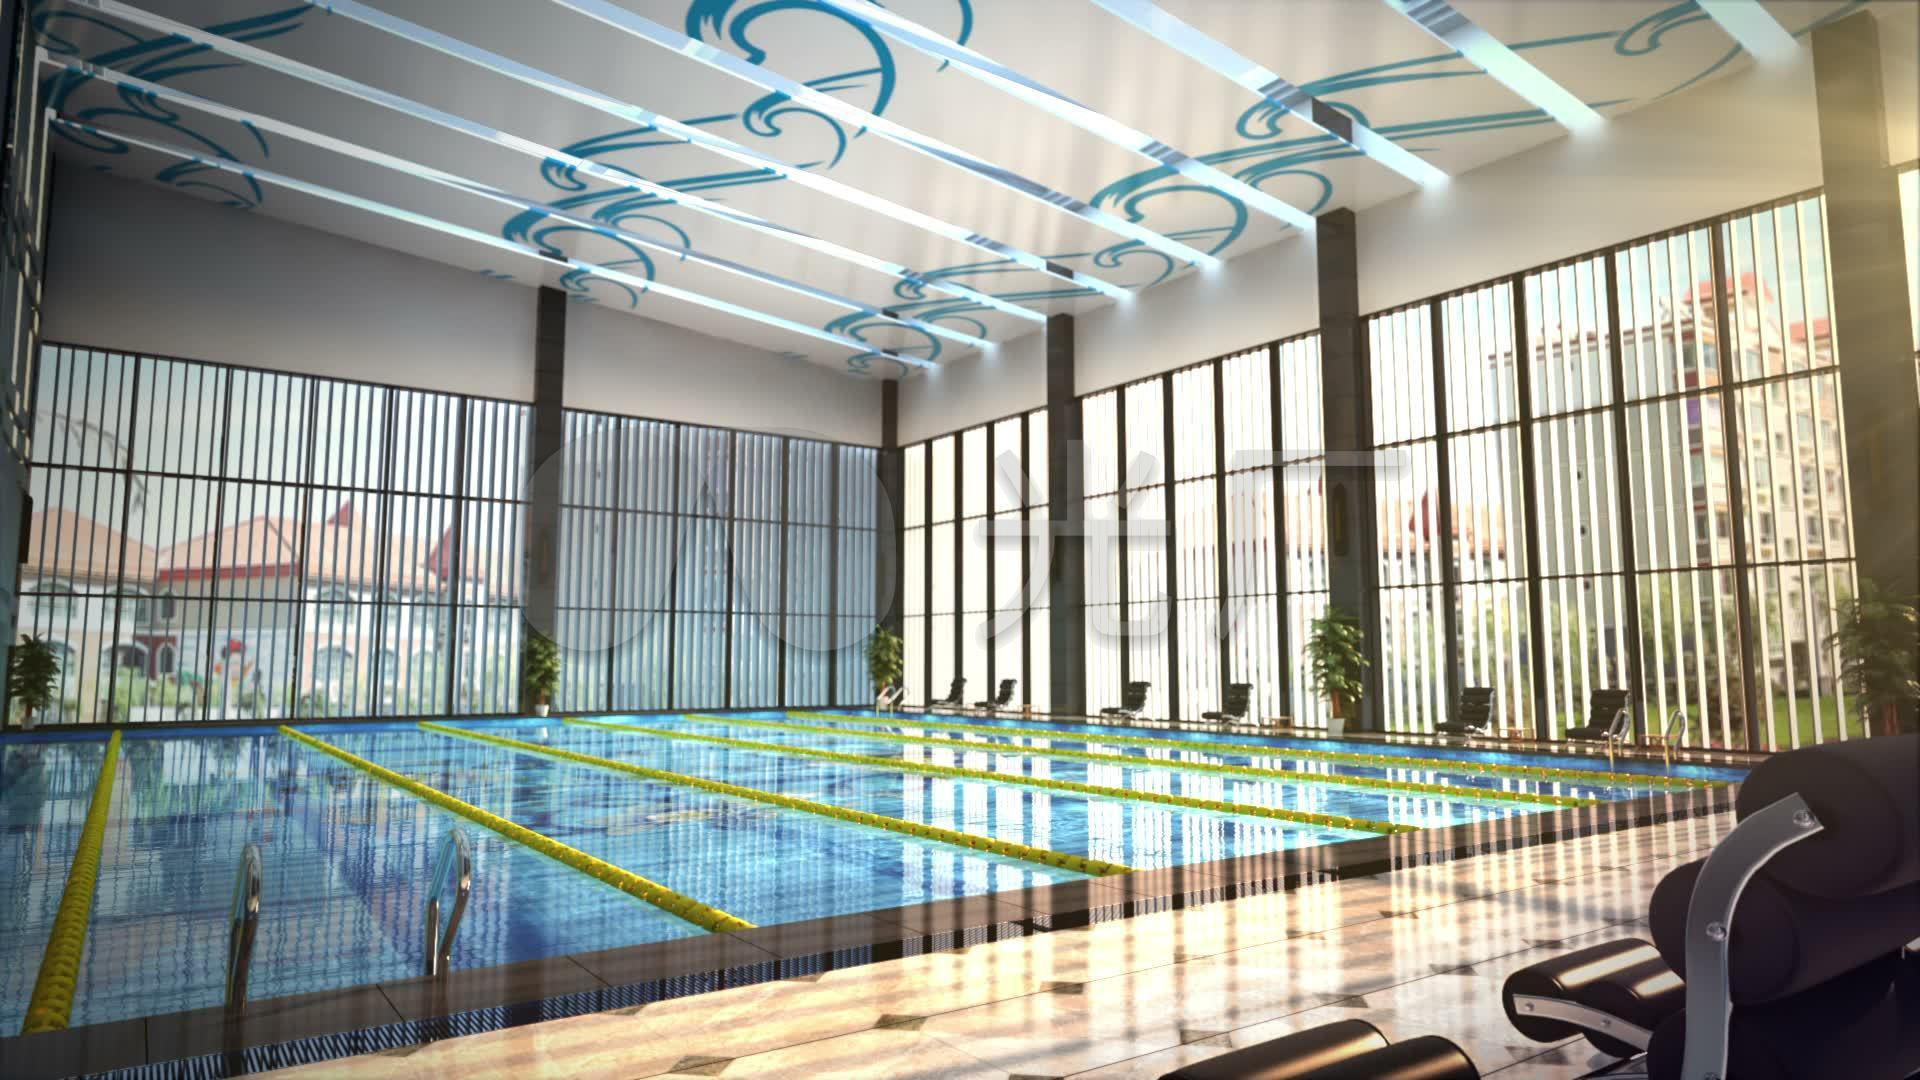 3d视频室内游泳池_1920X1080_背景高清素材海报设计动画手绘图片